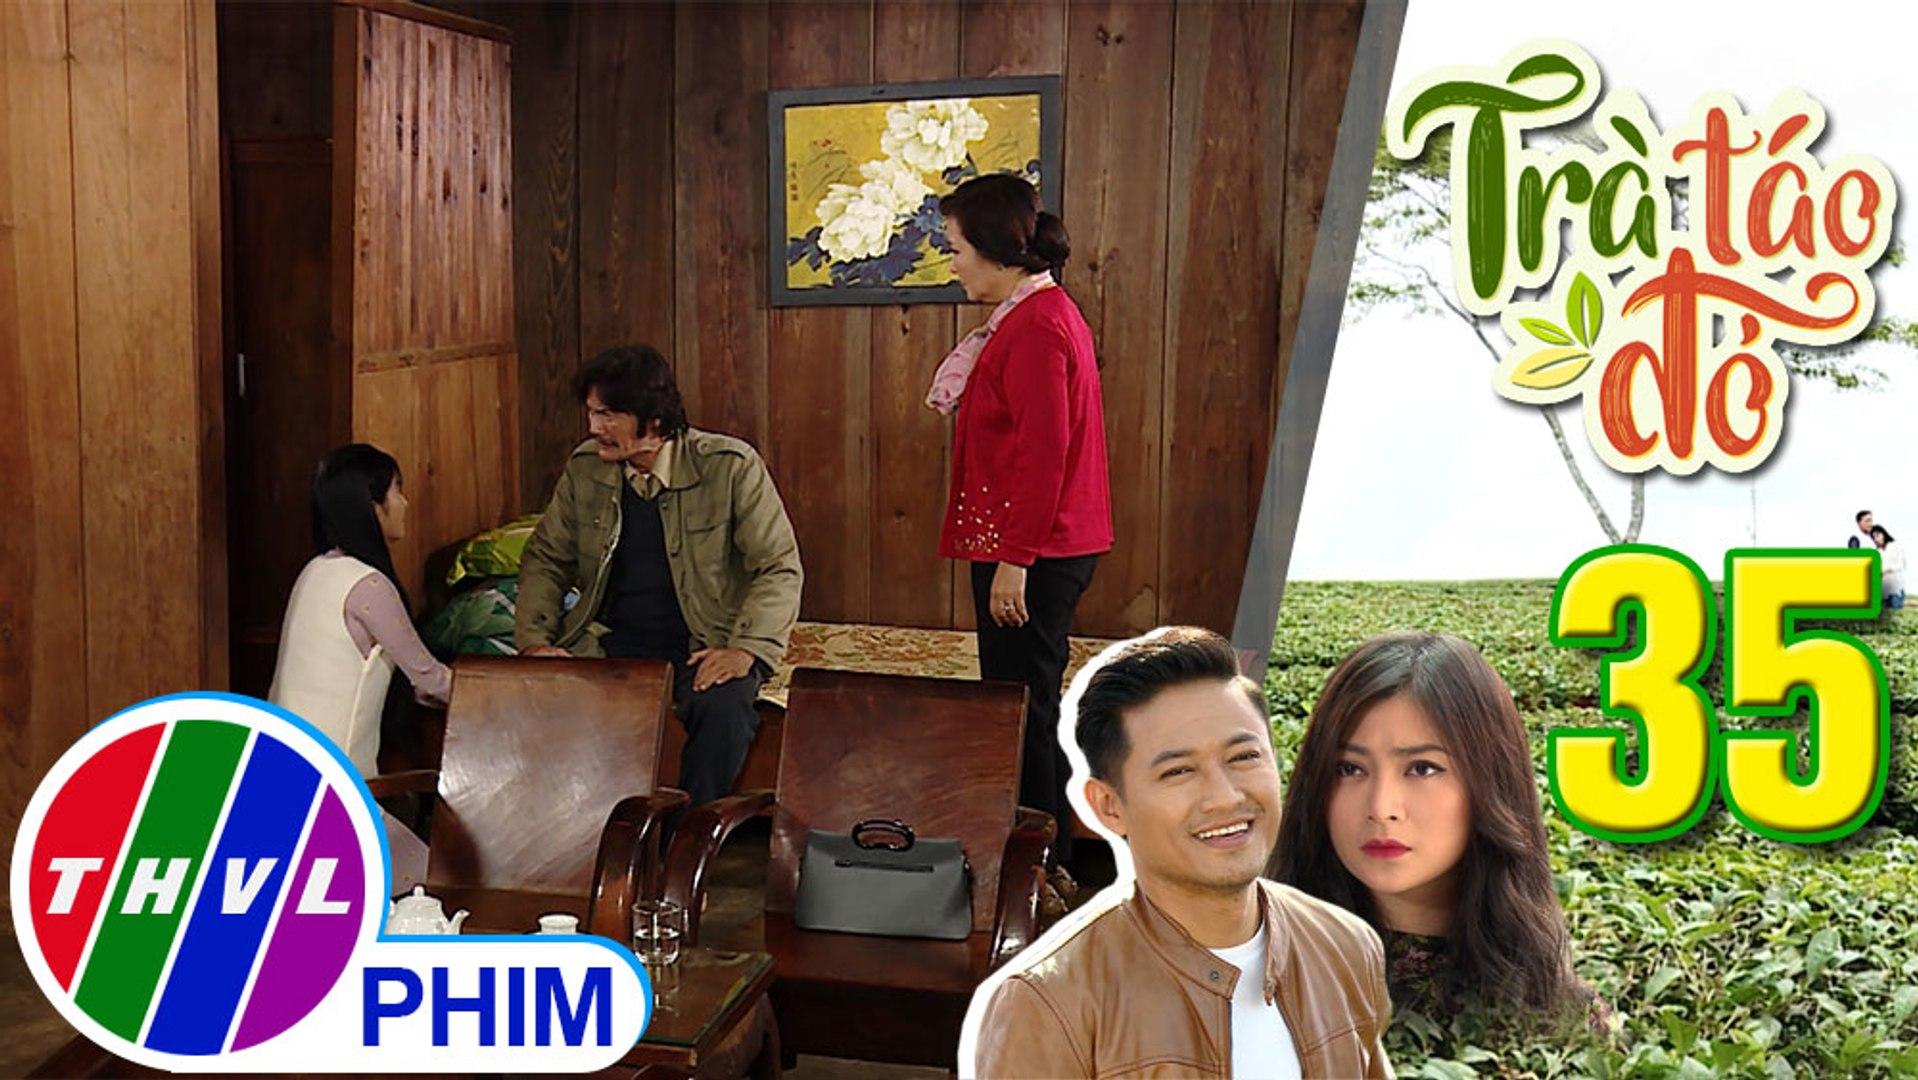 THVL | Trà táo đỏ - Tập 35[3]: Ông Trung bắt Trúc Trà phải chọn giữa mình và bà Hiền